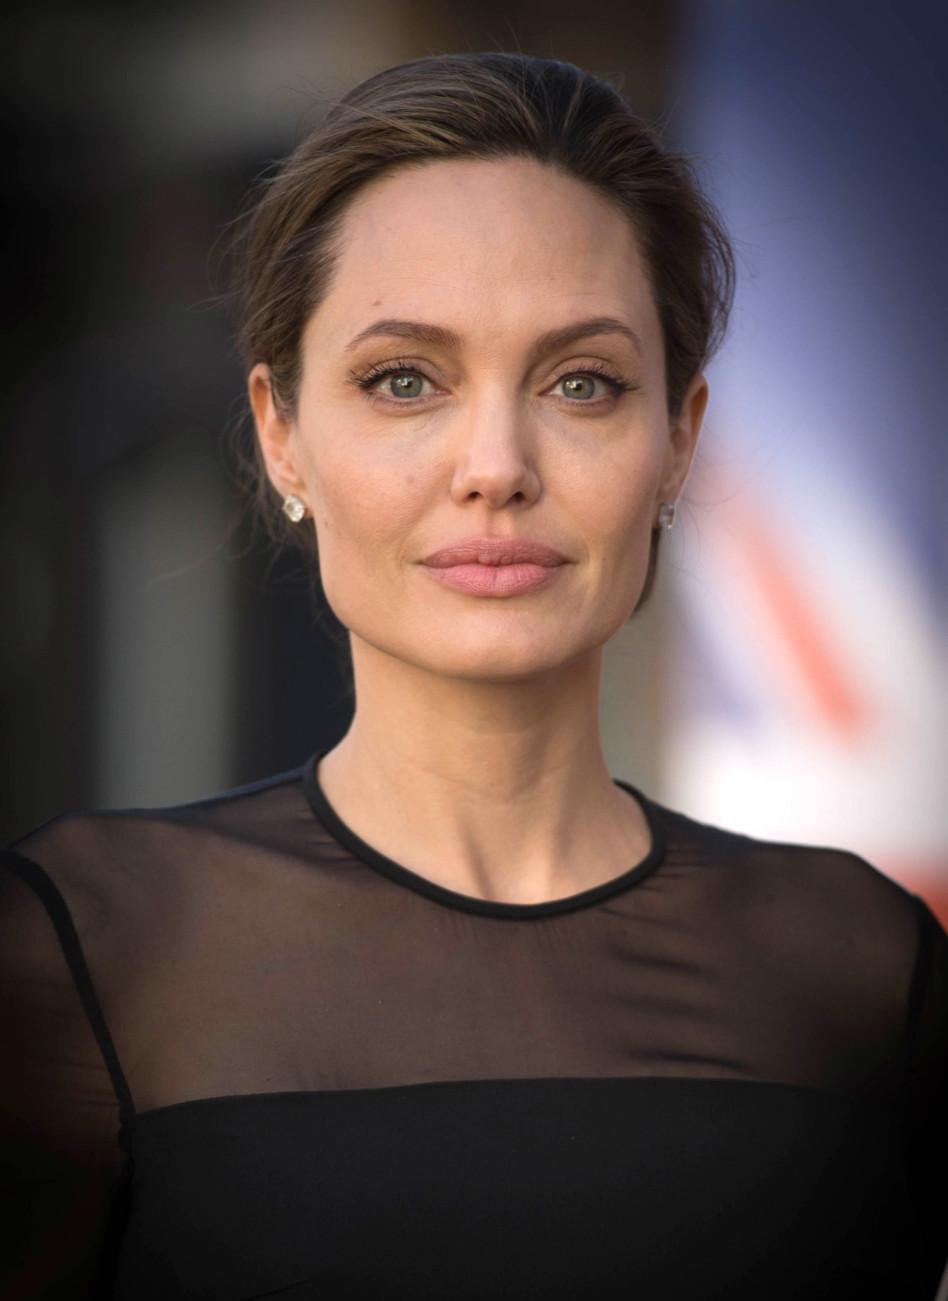 אנג'לינה ג'ולי (צילום: Getty images)